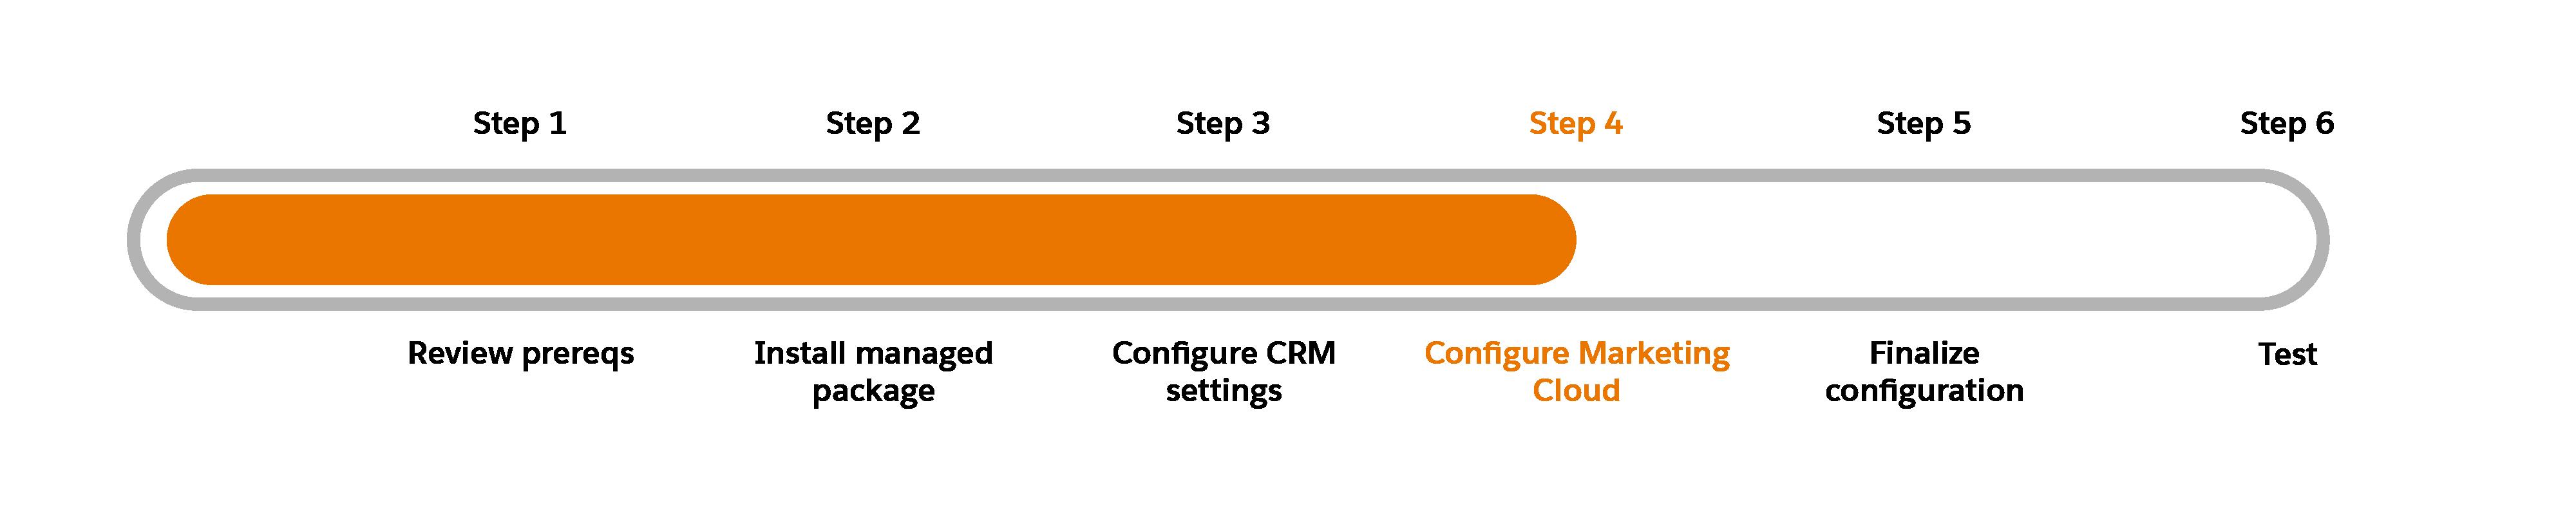 「ステップ 4: Marketing Cloud を構成する」が強調表示されている進行状況チャート